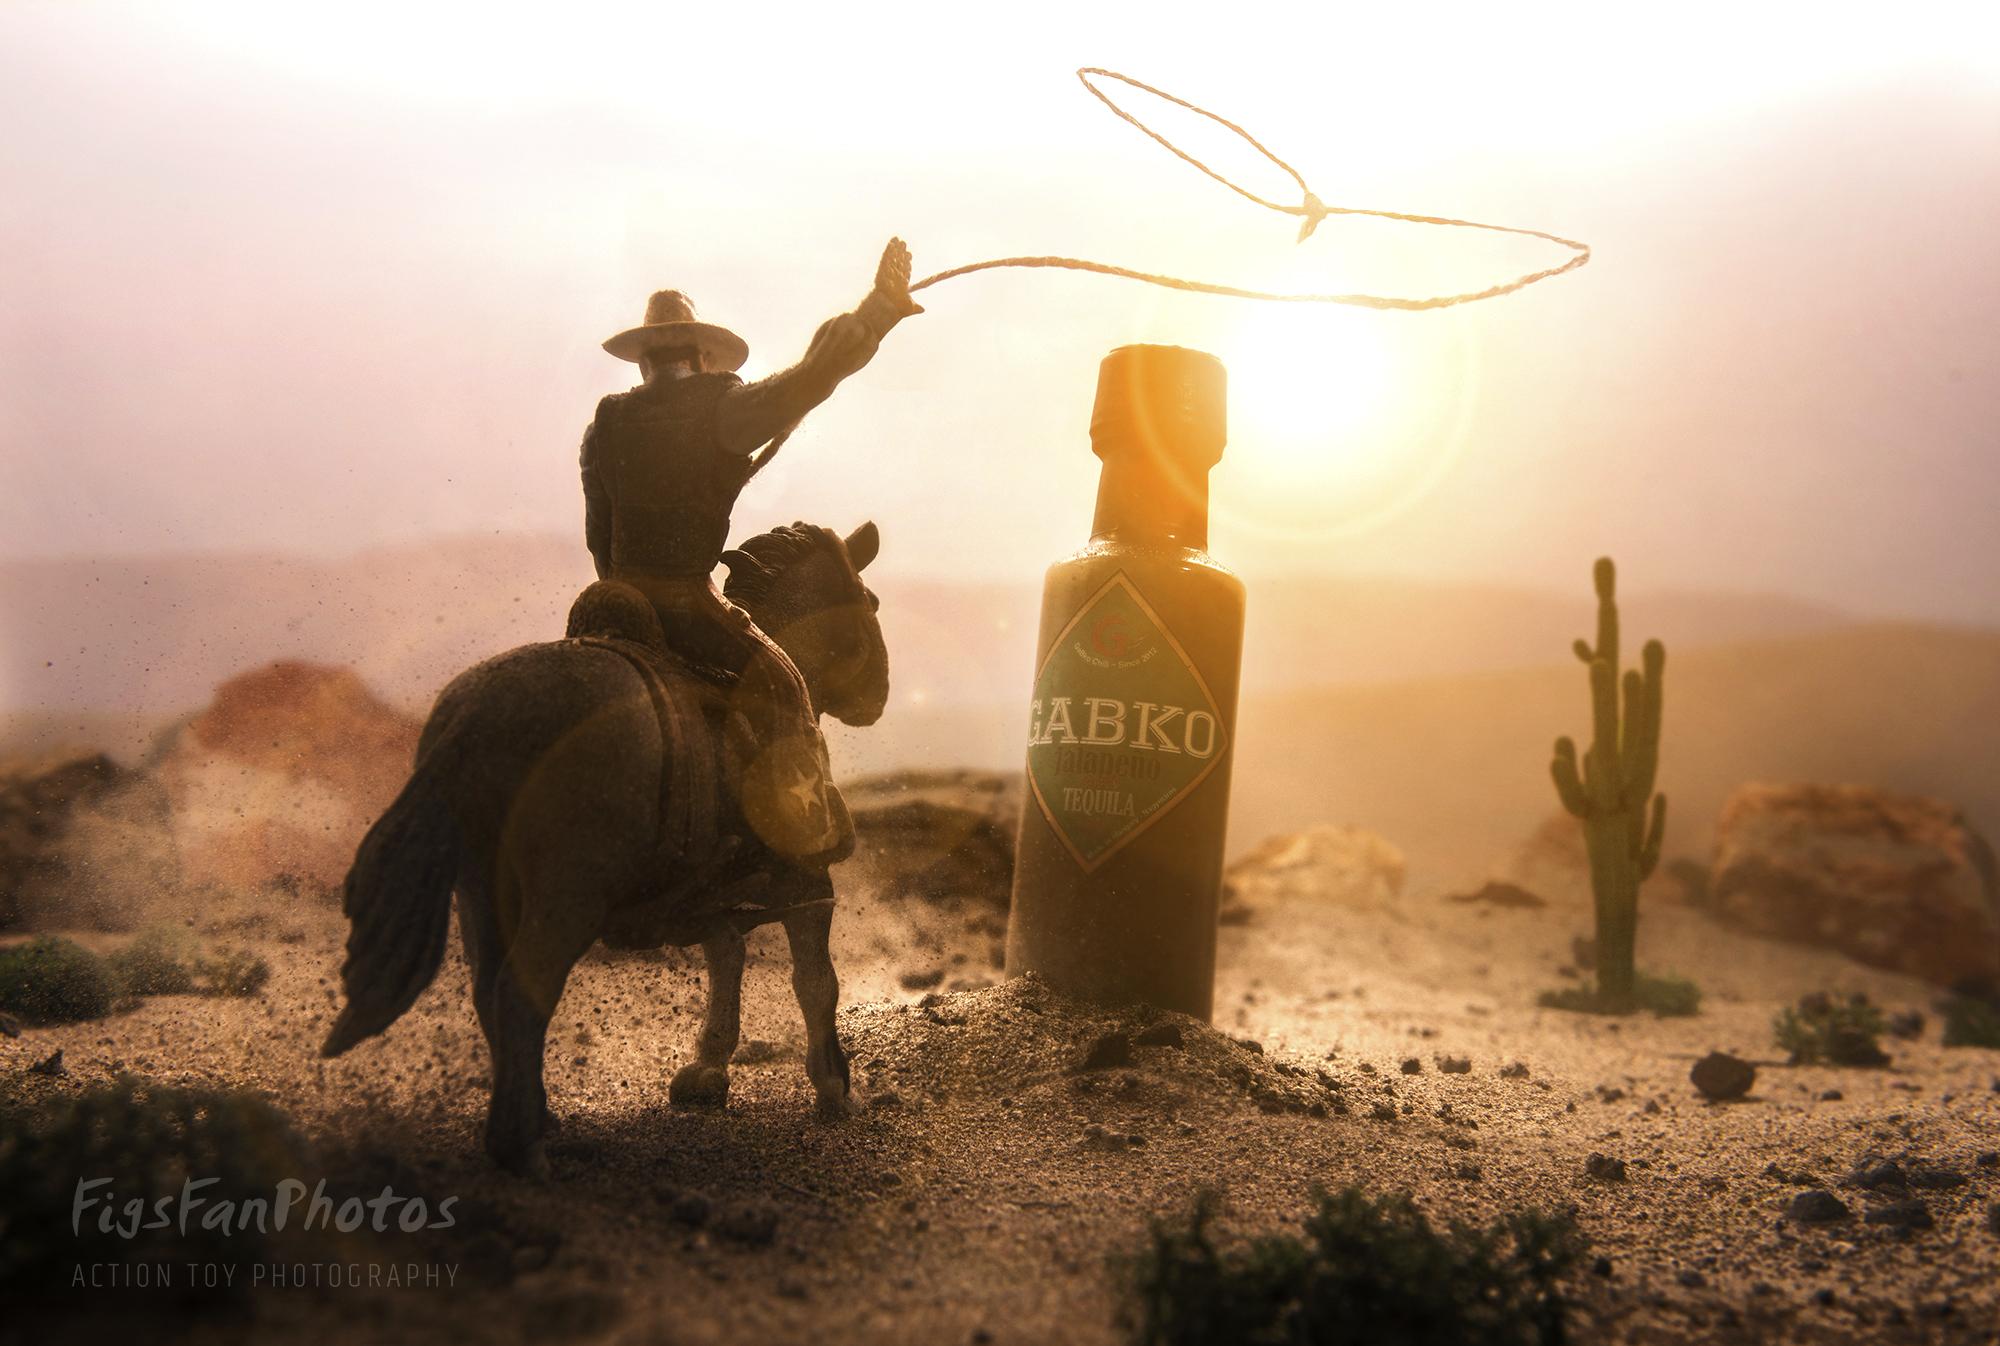 benedek_lampert_gabko_cowboy_web_j_k.jpg